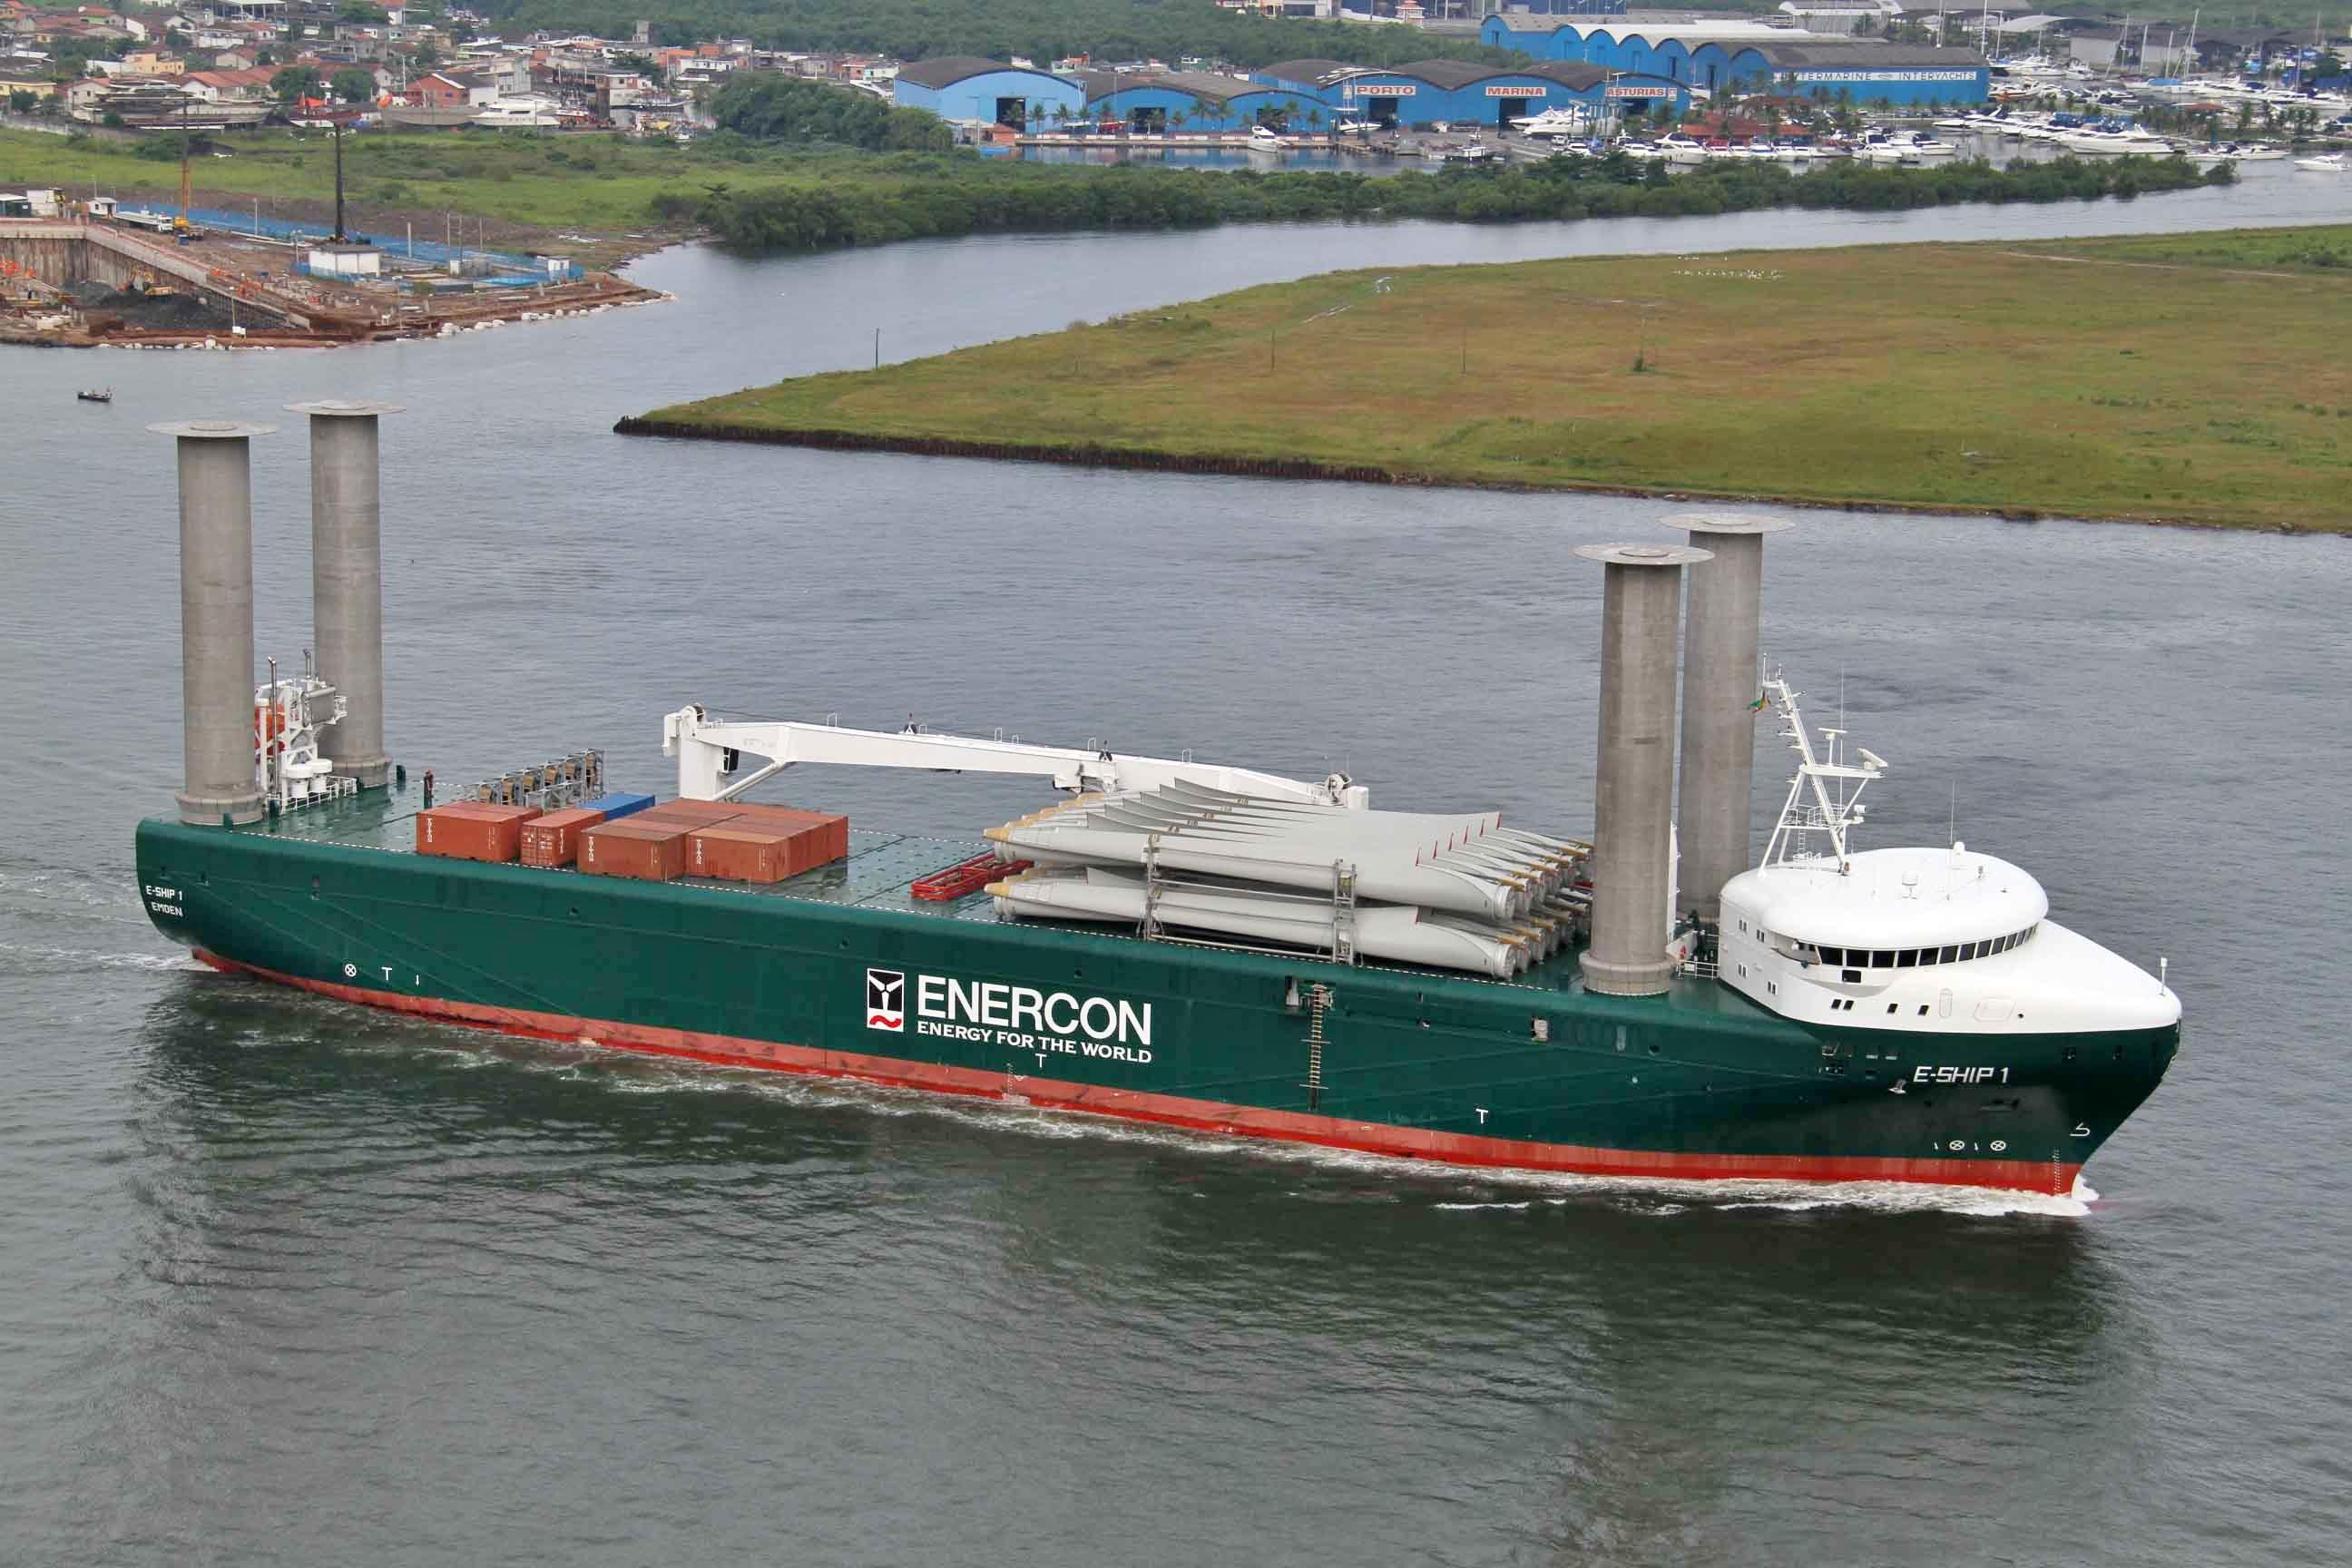 Buques De Rotores Flettner El E Ship 1 Va De Barcos